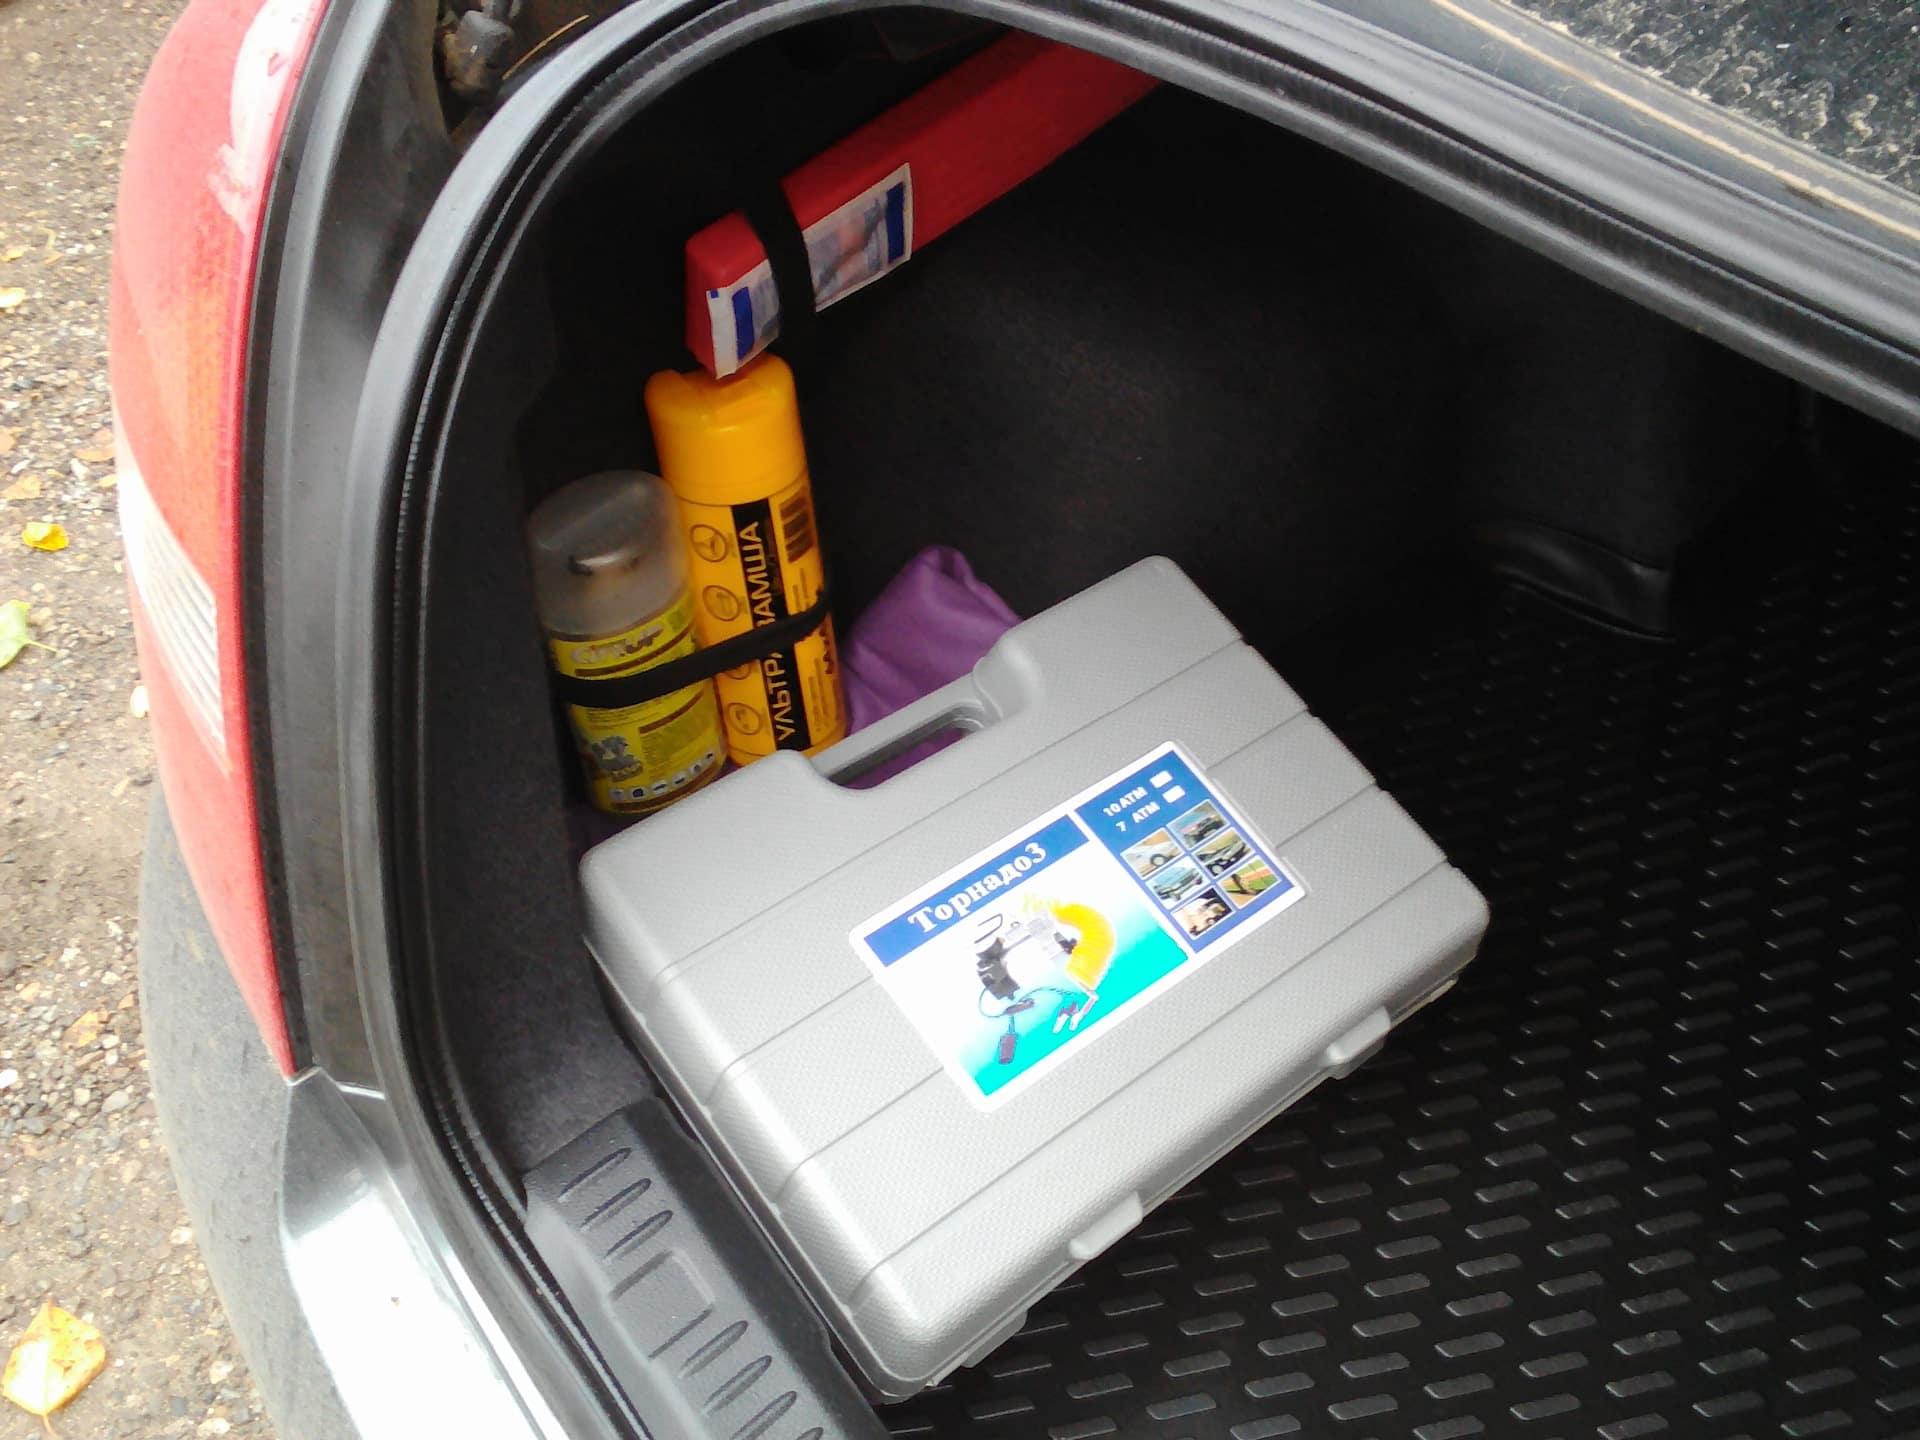 Место, занимаемое стандартным автомобильным компрессором в багажнике